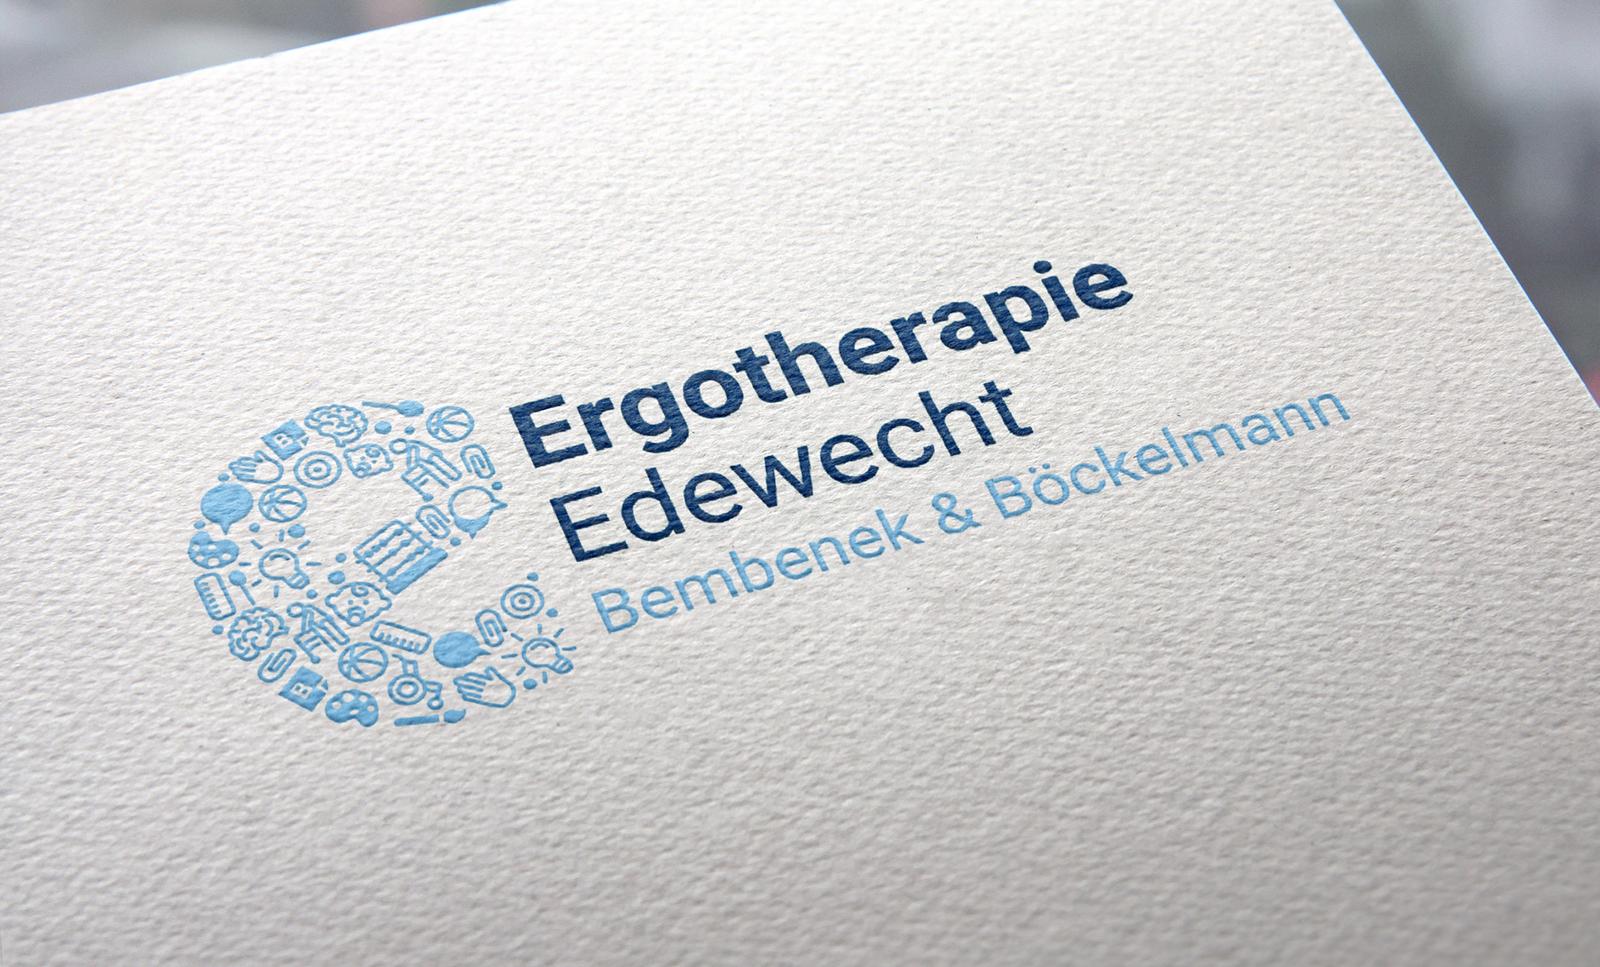 Logo der Ergotherapie Edewecht - Bembenek & Böckelmann